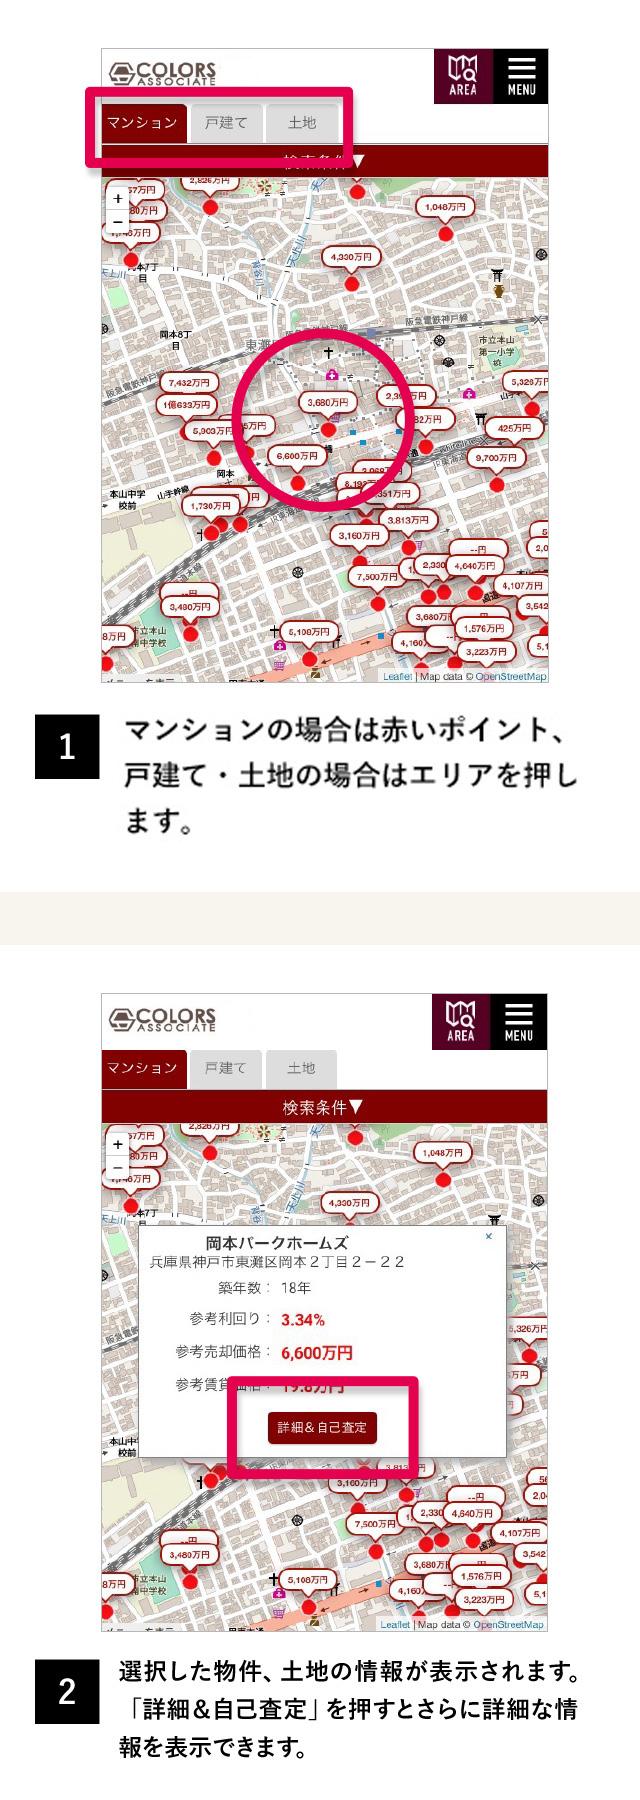 1 マンションの場合は赤いポイント、戸建て・土地の場合はエリアを押します。 2 選択した物件、土地の情報が表示されます。「詳細&自己査定」を押すとさらに詳細な情報が表示されます。このボタンは各支店のS-MAPにて検索した場合に表示されます。